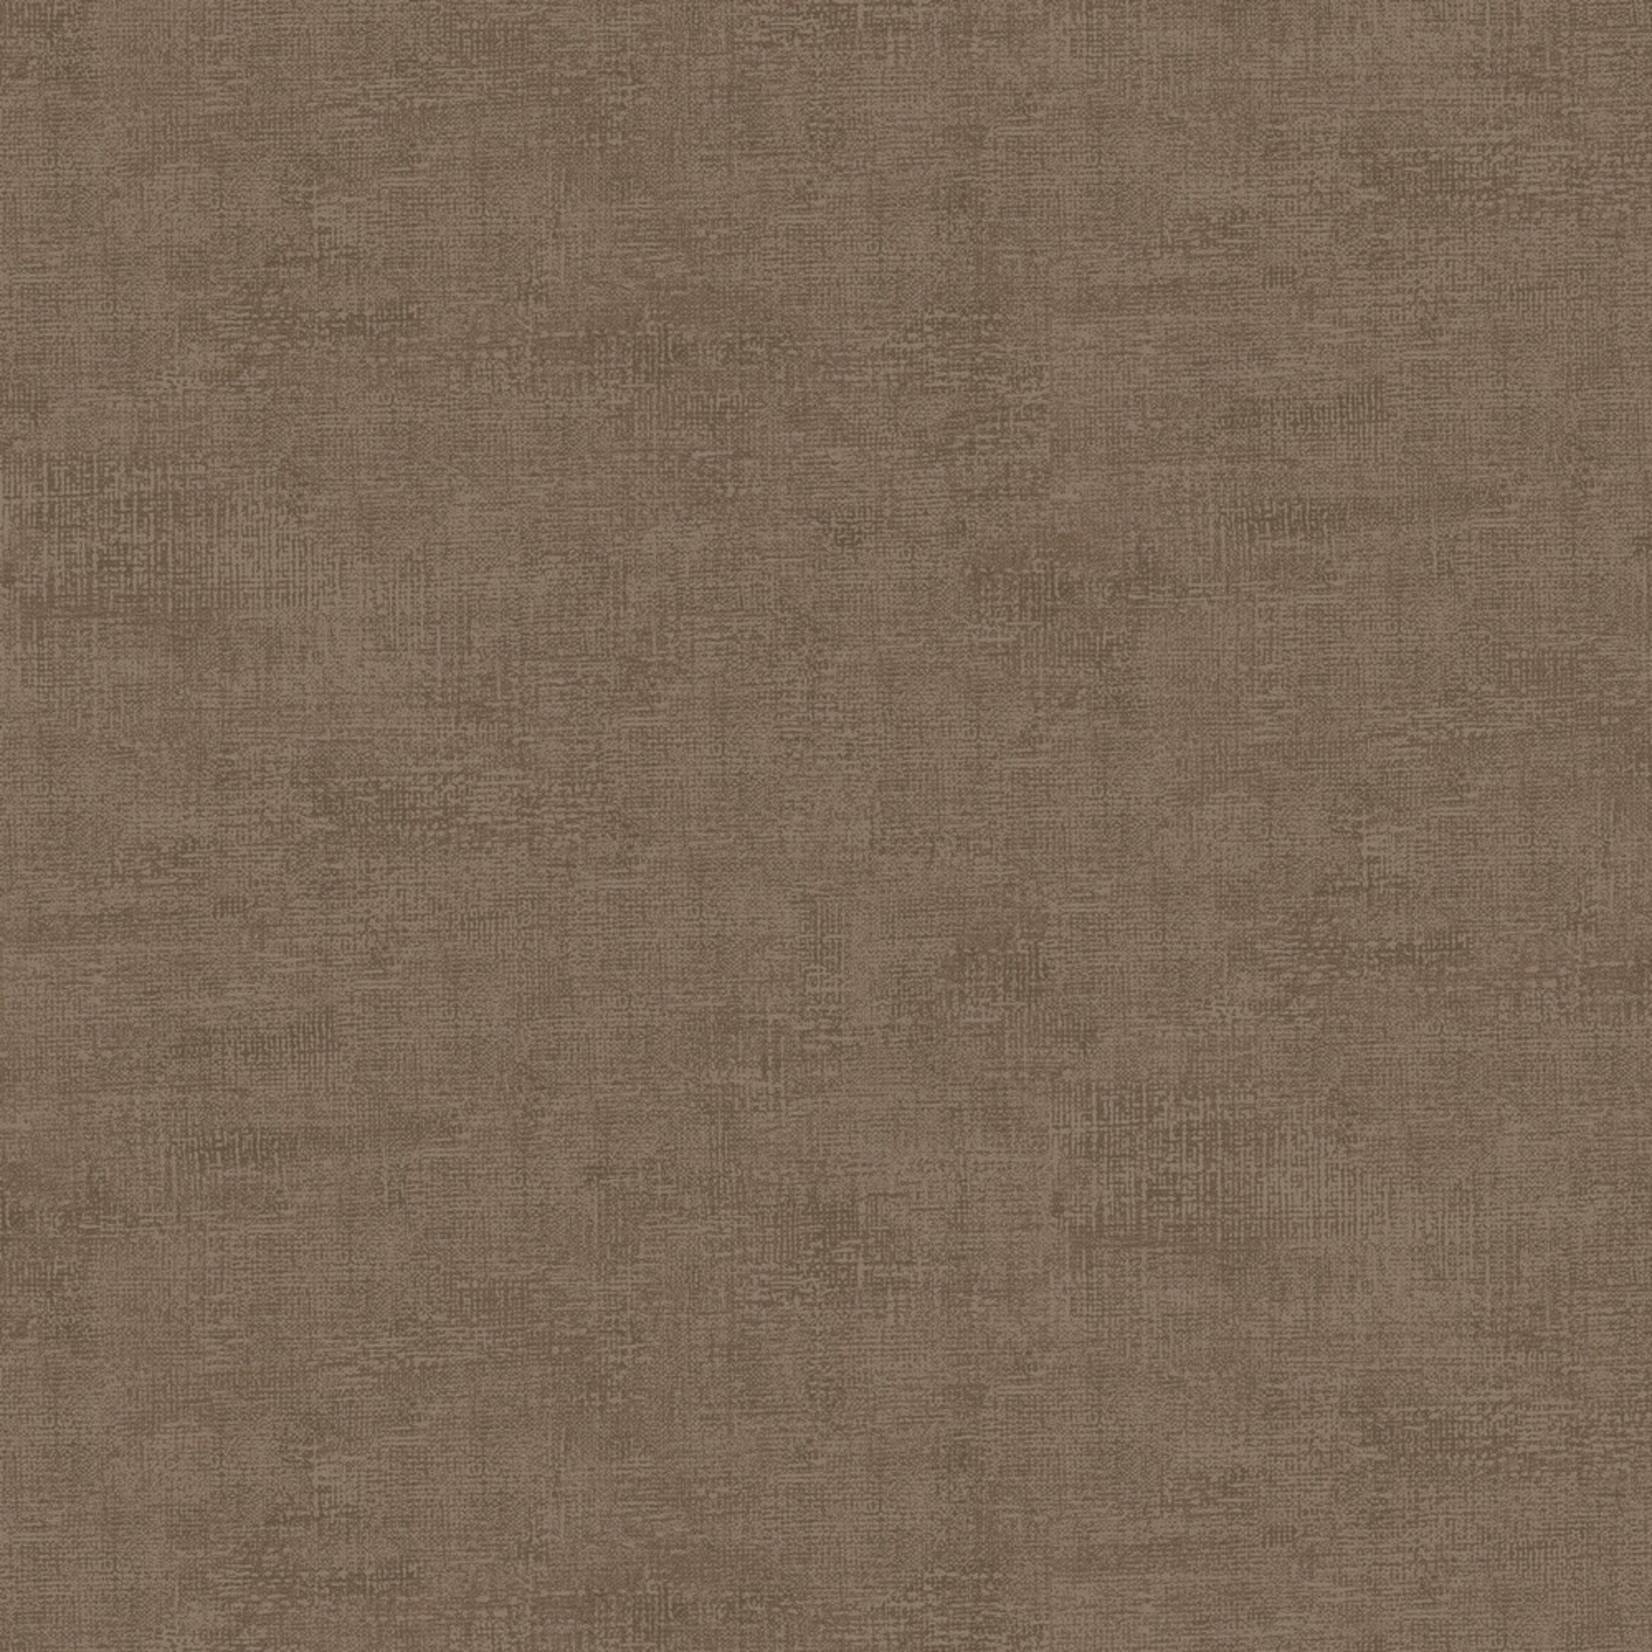 Stoffabrics Melange 4509 - 302